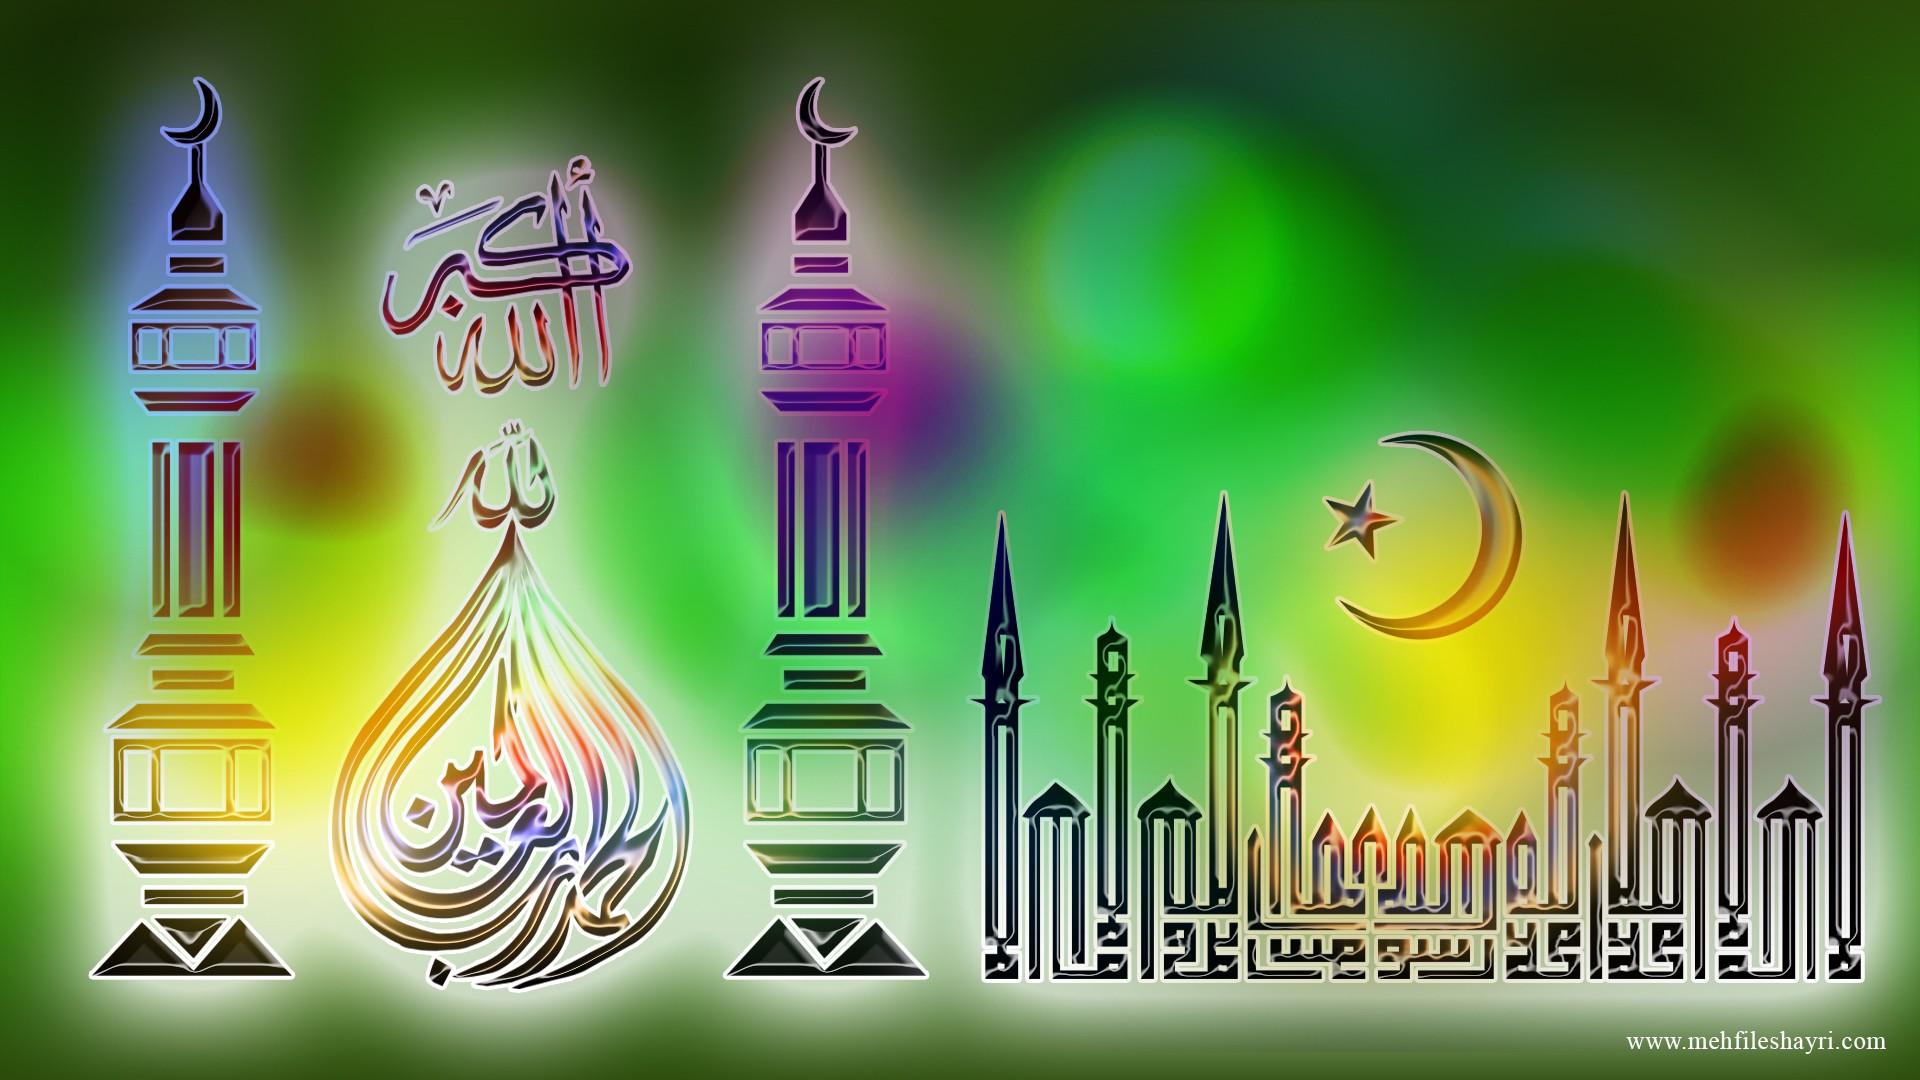 Mehfile-Islam-022